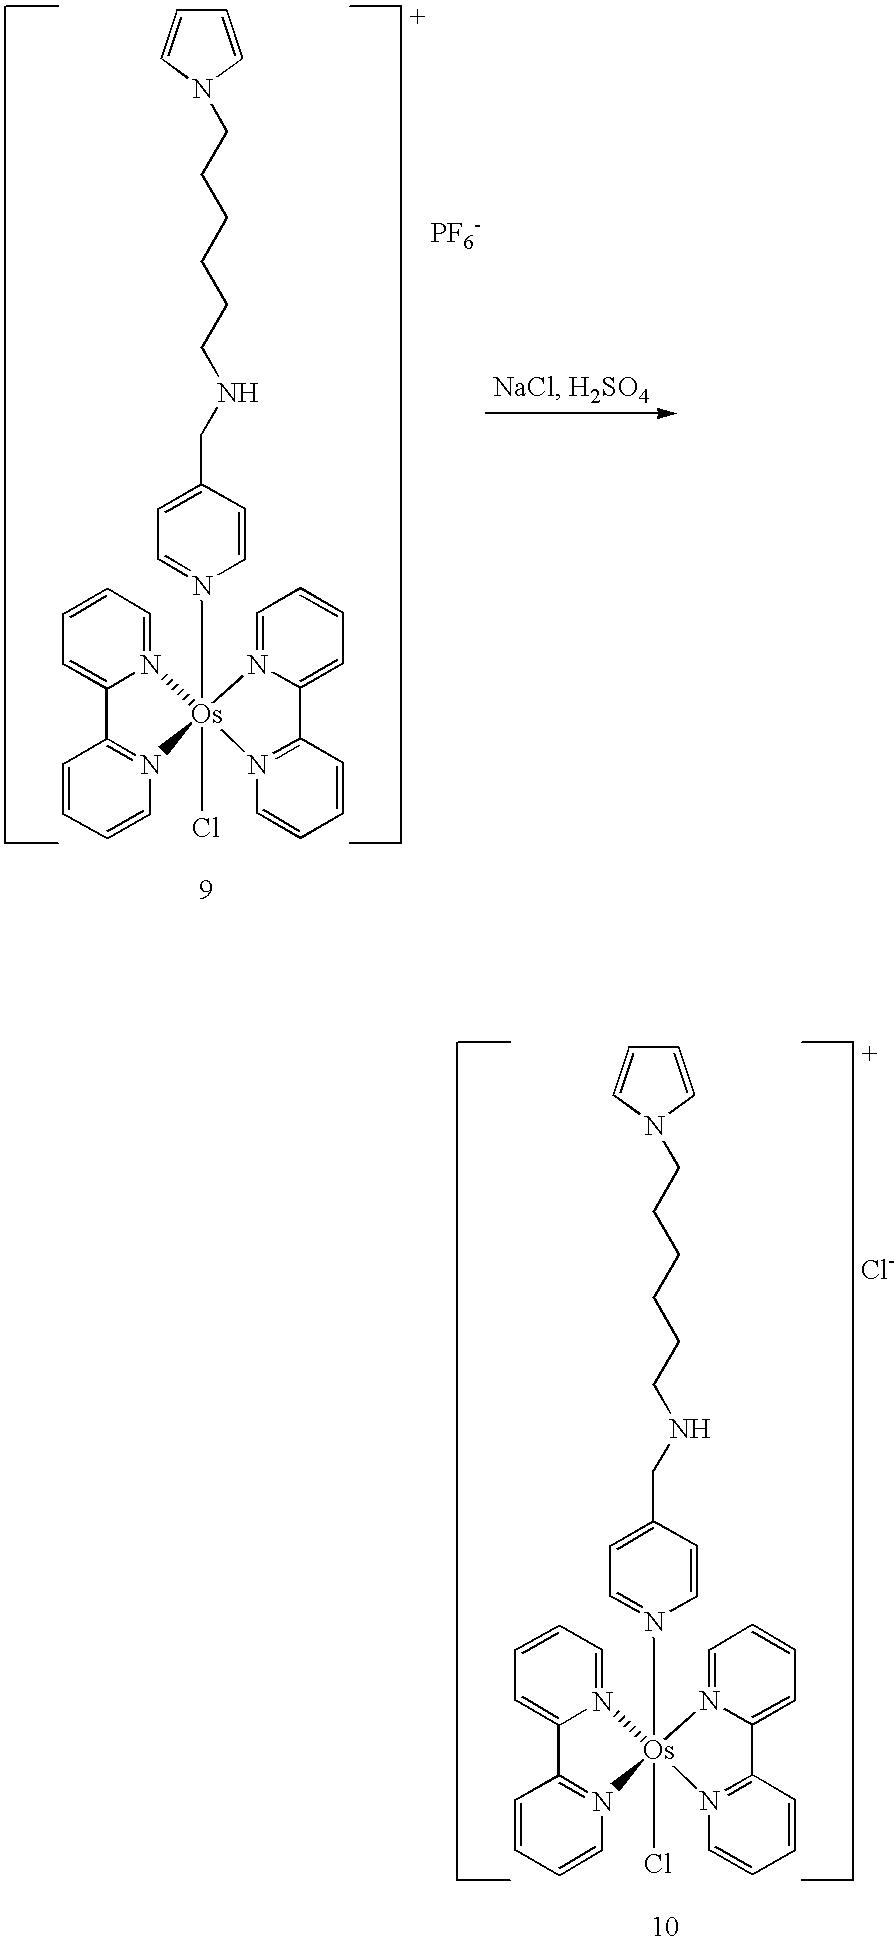 Figure US20050211572A1-20050929-C00002